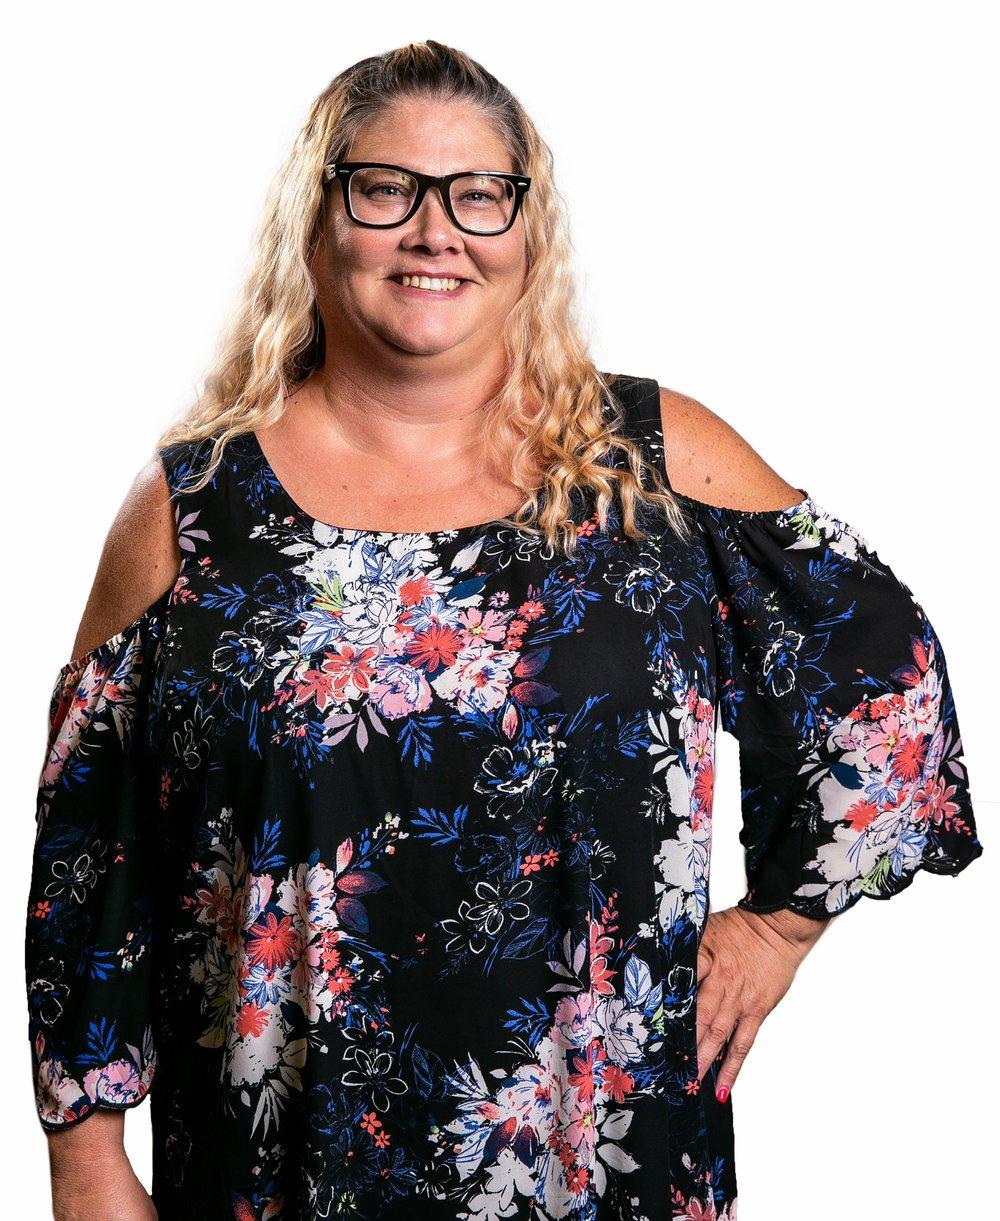 Debbie Zamora